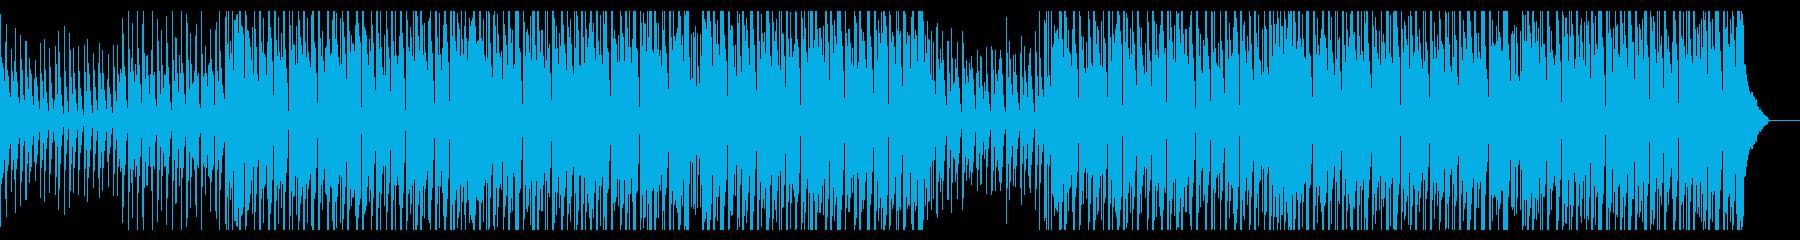 レゲトン ダンスホール ナイトクラブの再生済みの波形